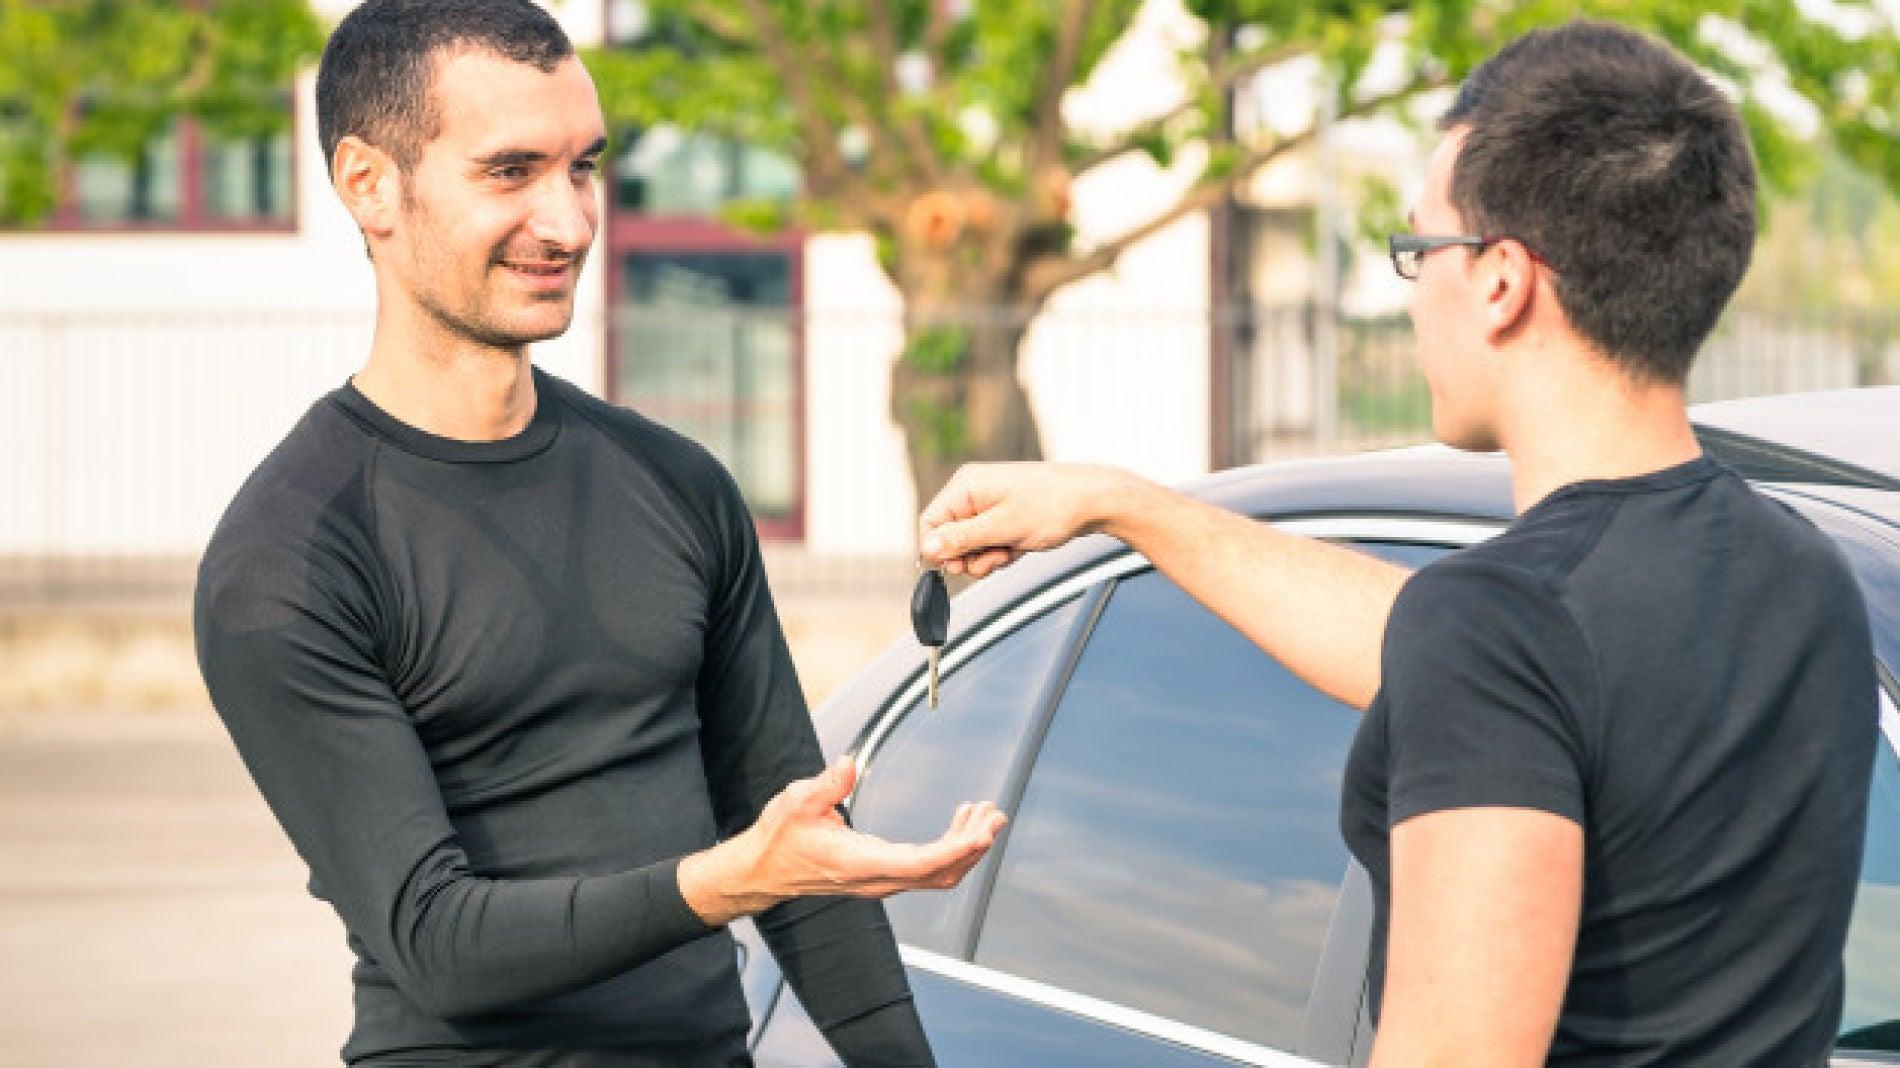 Las ventas de vehículos usados suben un 5,6% en julio y registran el primer dato positivo desde febrero